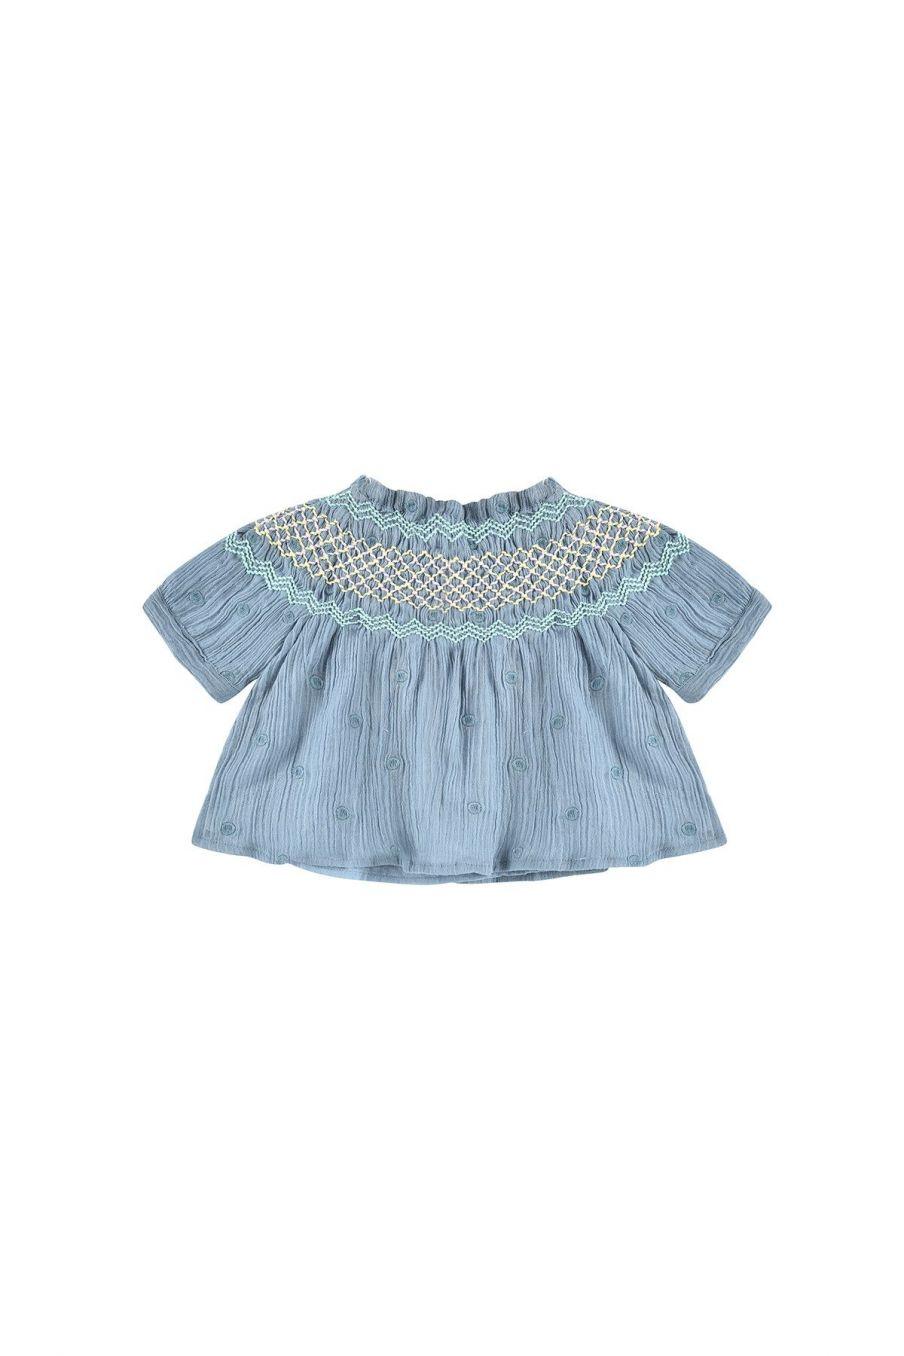 boheme chic vintage blouse bébé fille tyra storm plumetis